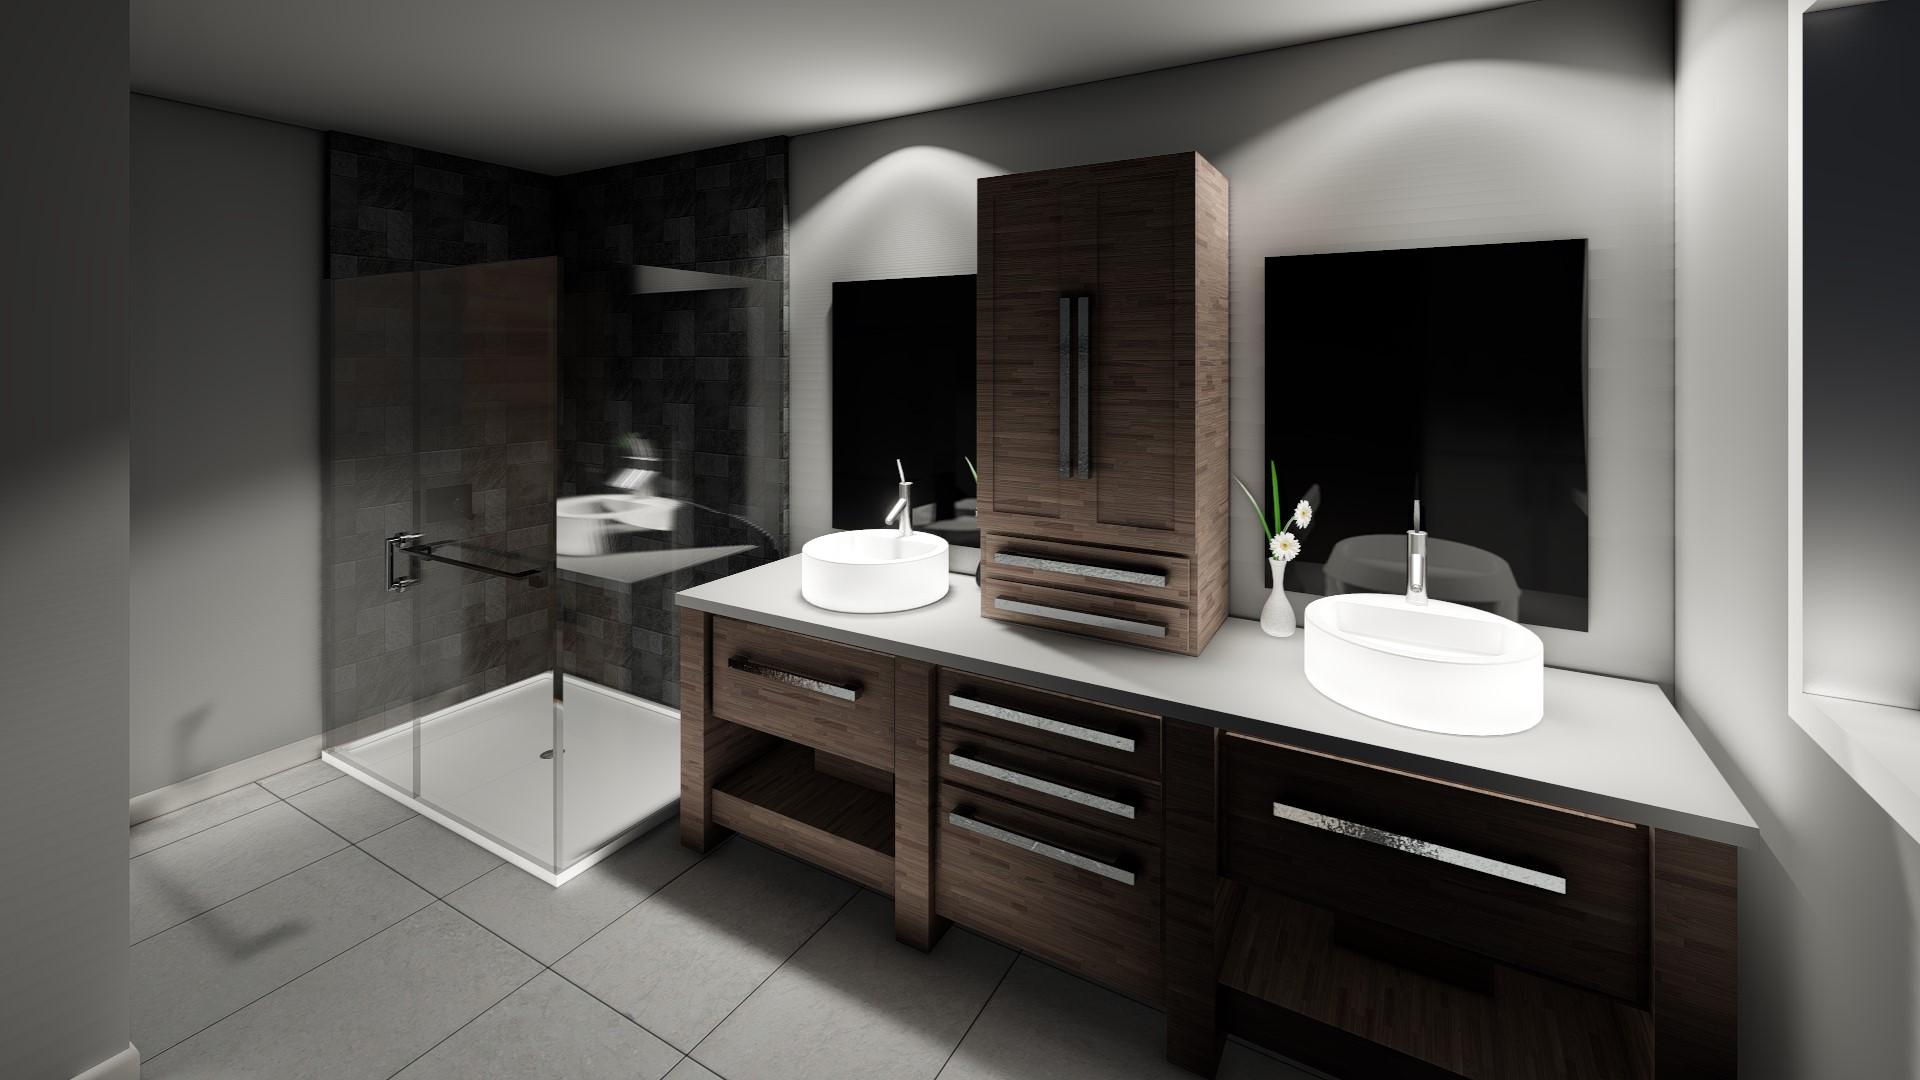 Projet - 0049 - Salle de bain RDC